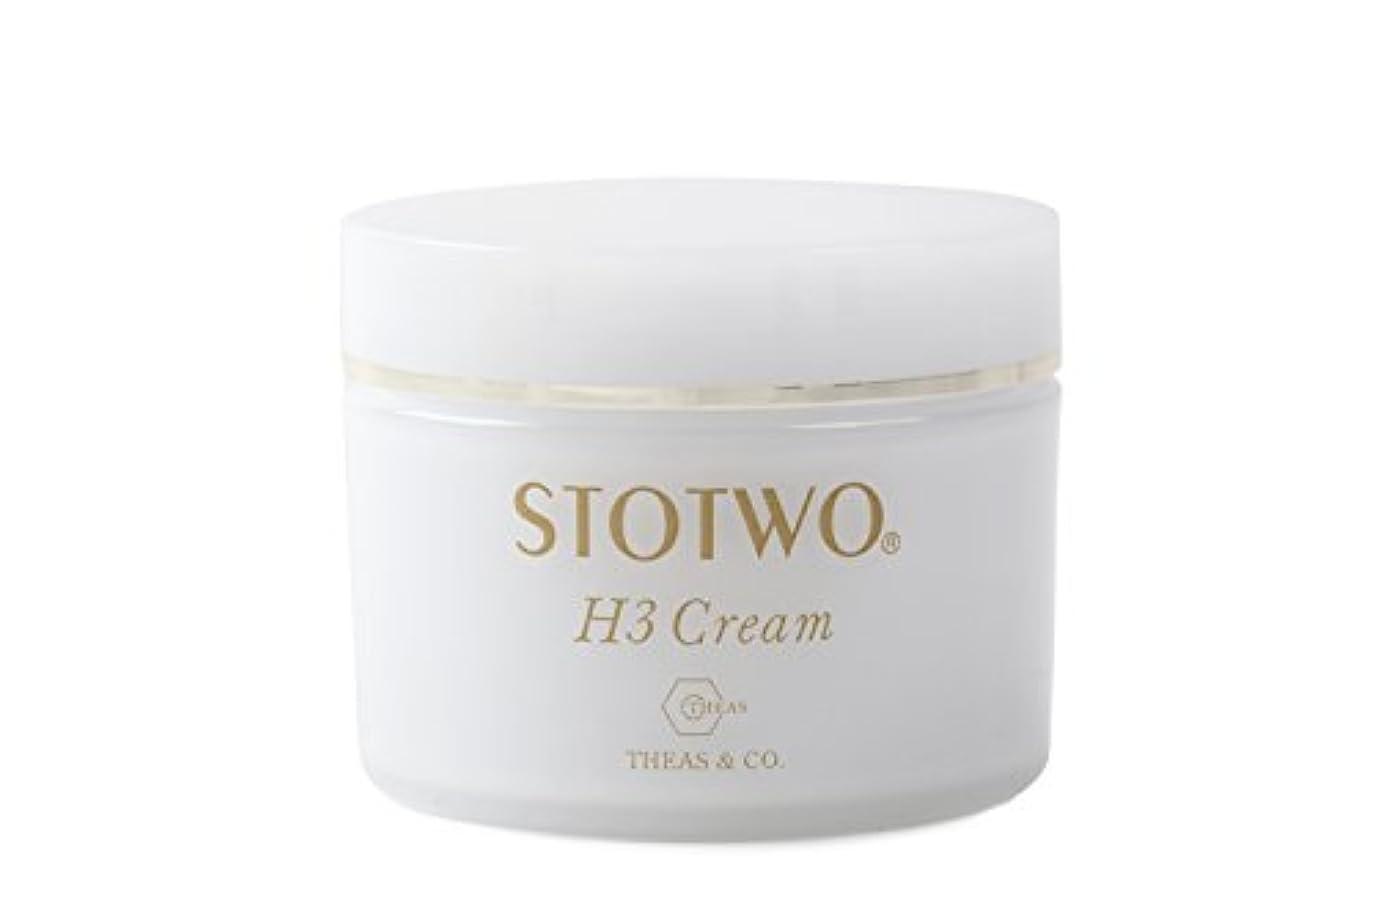 アセンブリとまり木インタラクションストツ(STOTWO)H3 クリームヒアルロン酸 25g